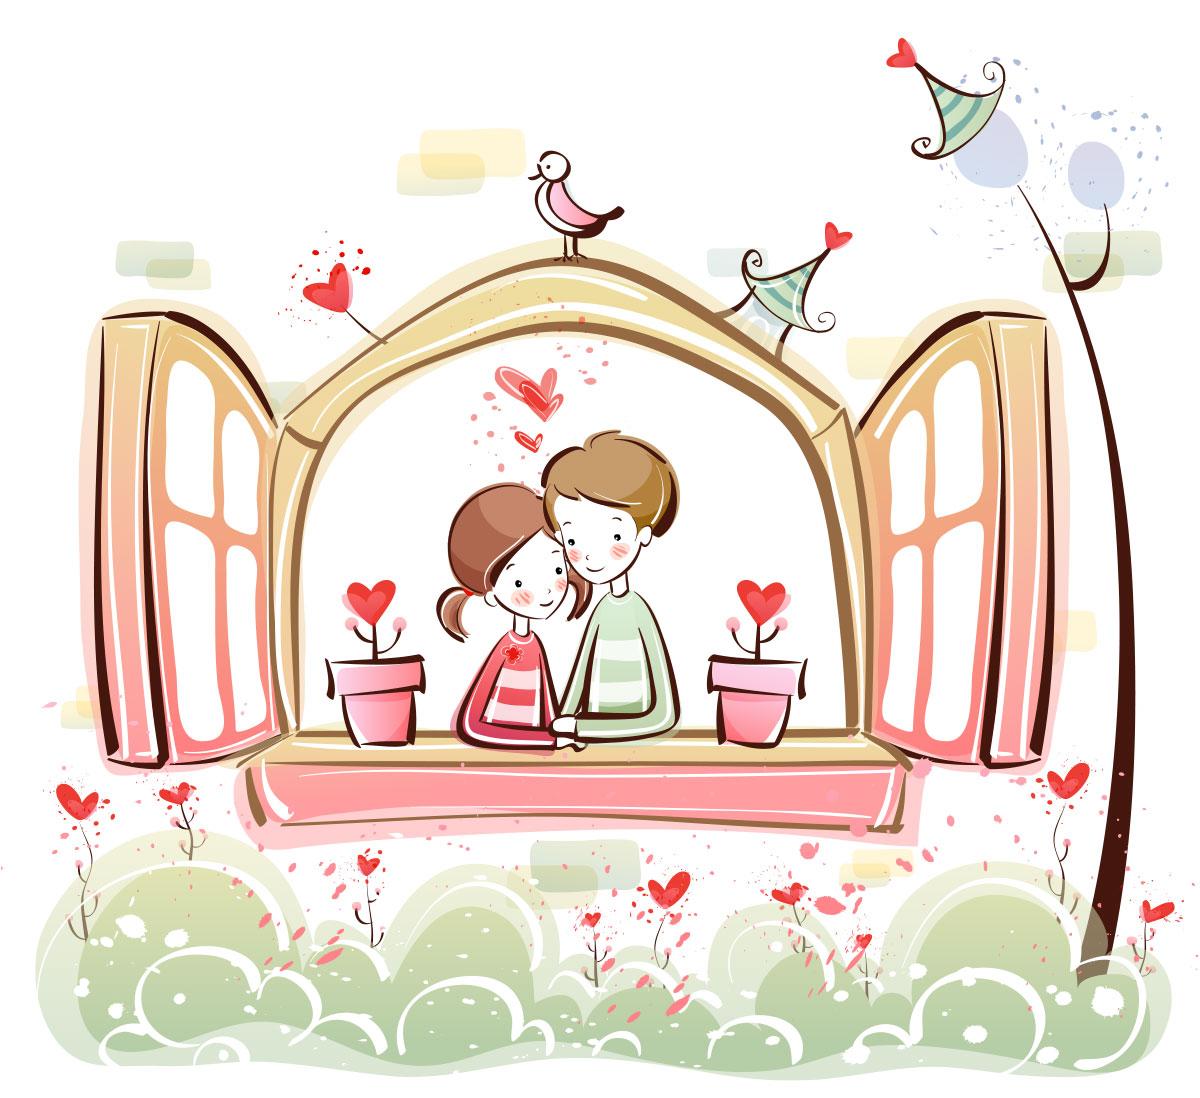 【世界のバレンタインデーについて】